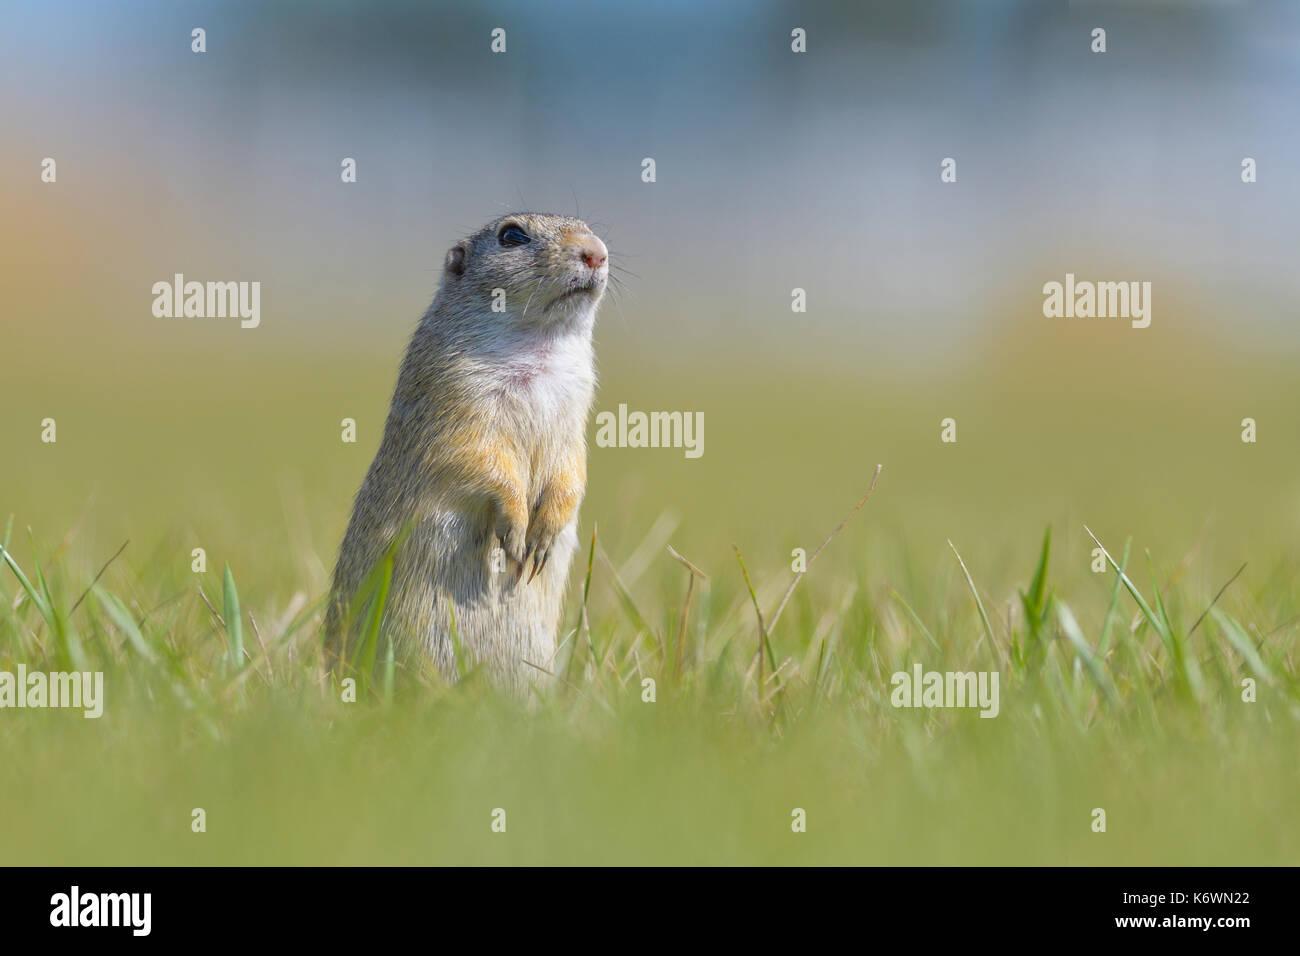 European (Spermophilus citellus), Standing in meadow, zone de Vienne, Autriche Banque D'Images